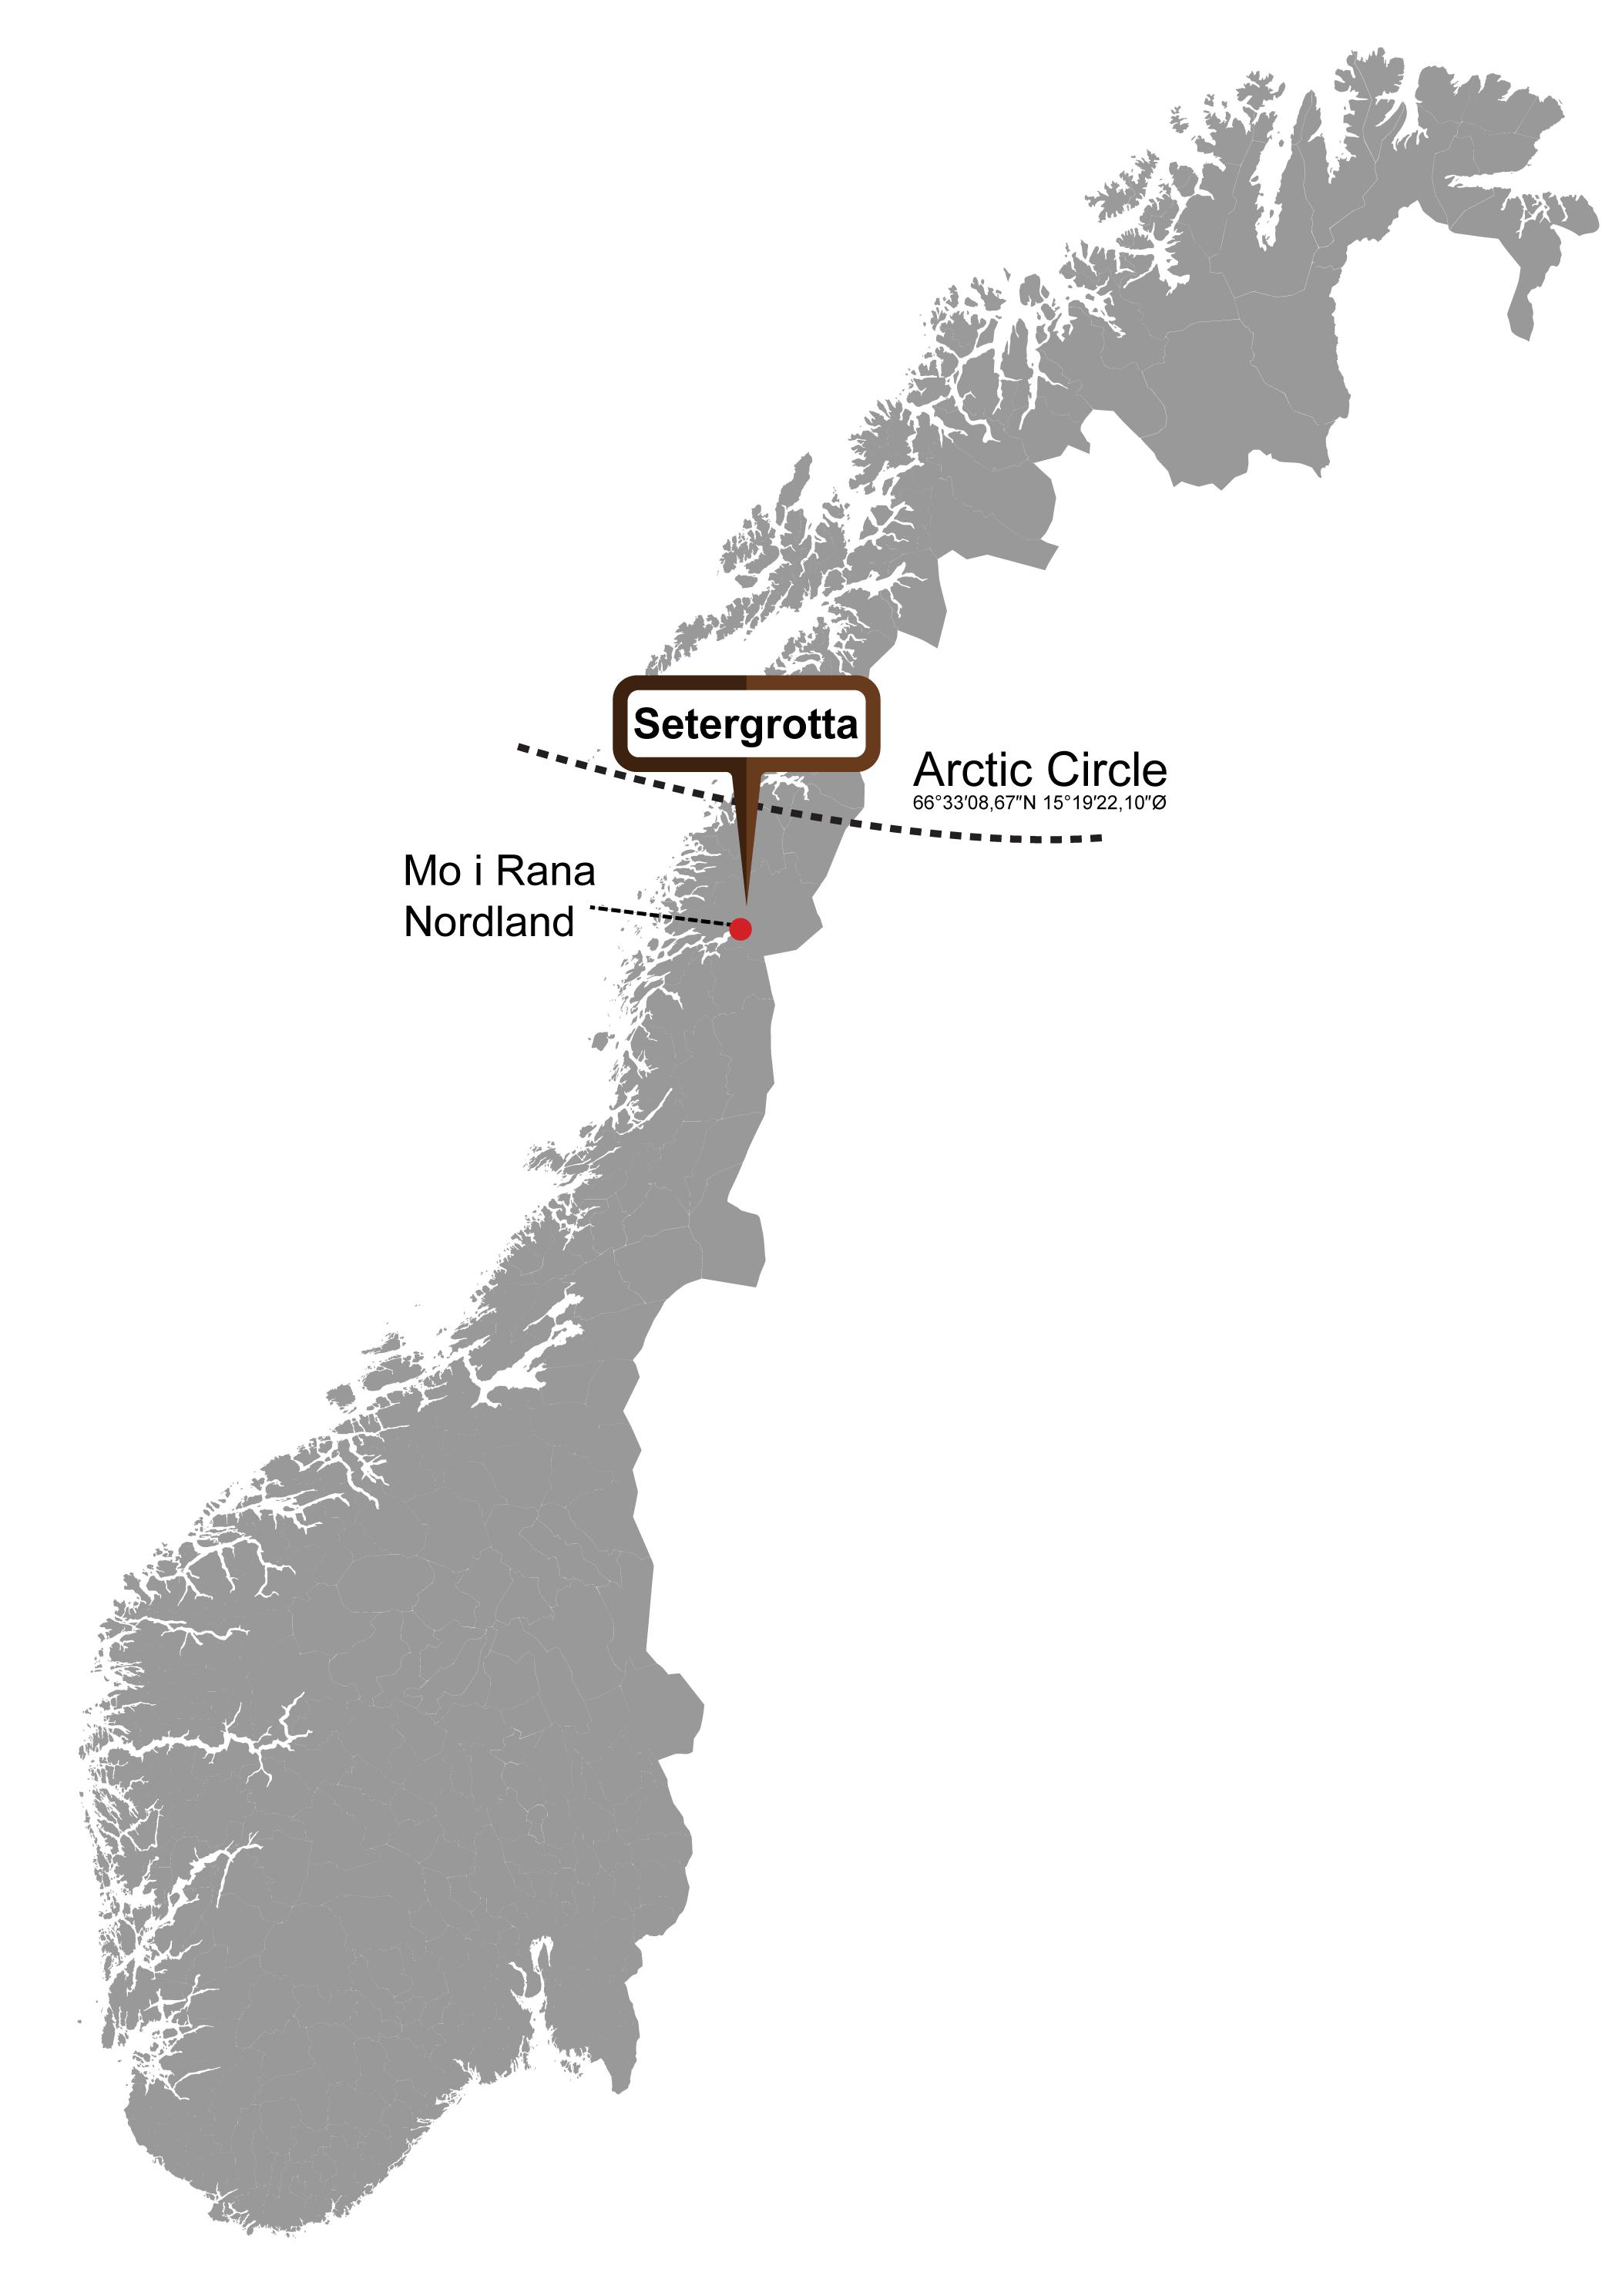 mo i rana kart Setergrotta – Grotte, Cave, Höhle, Mo i Rana, Helgeland, Norway  mo i rana kart